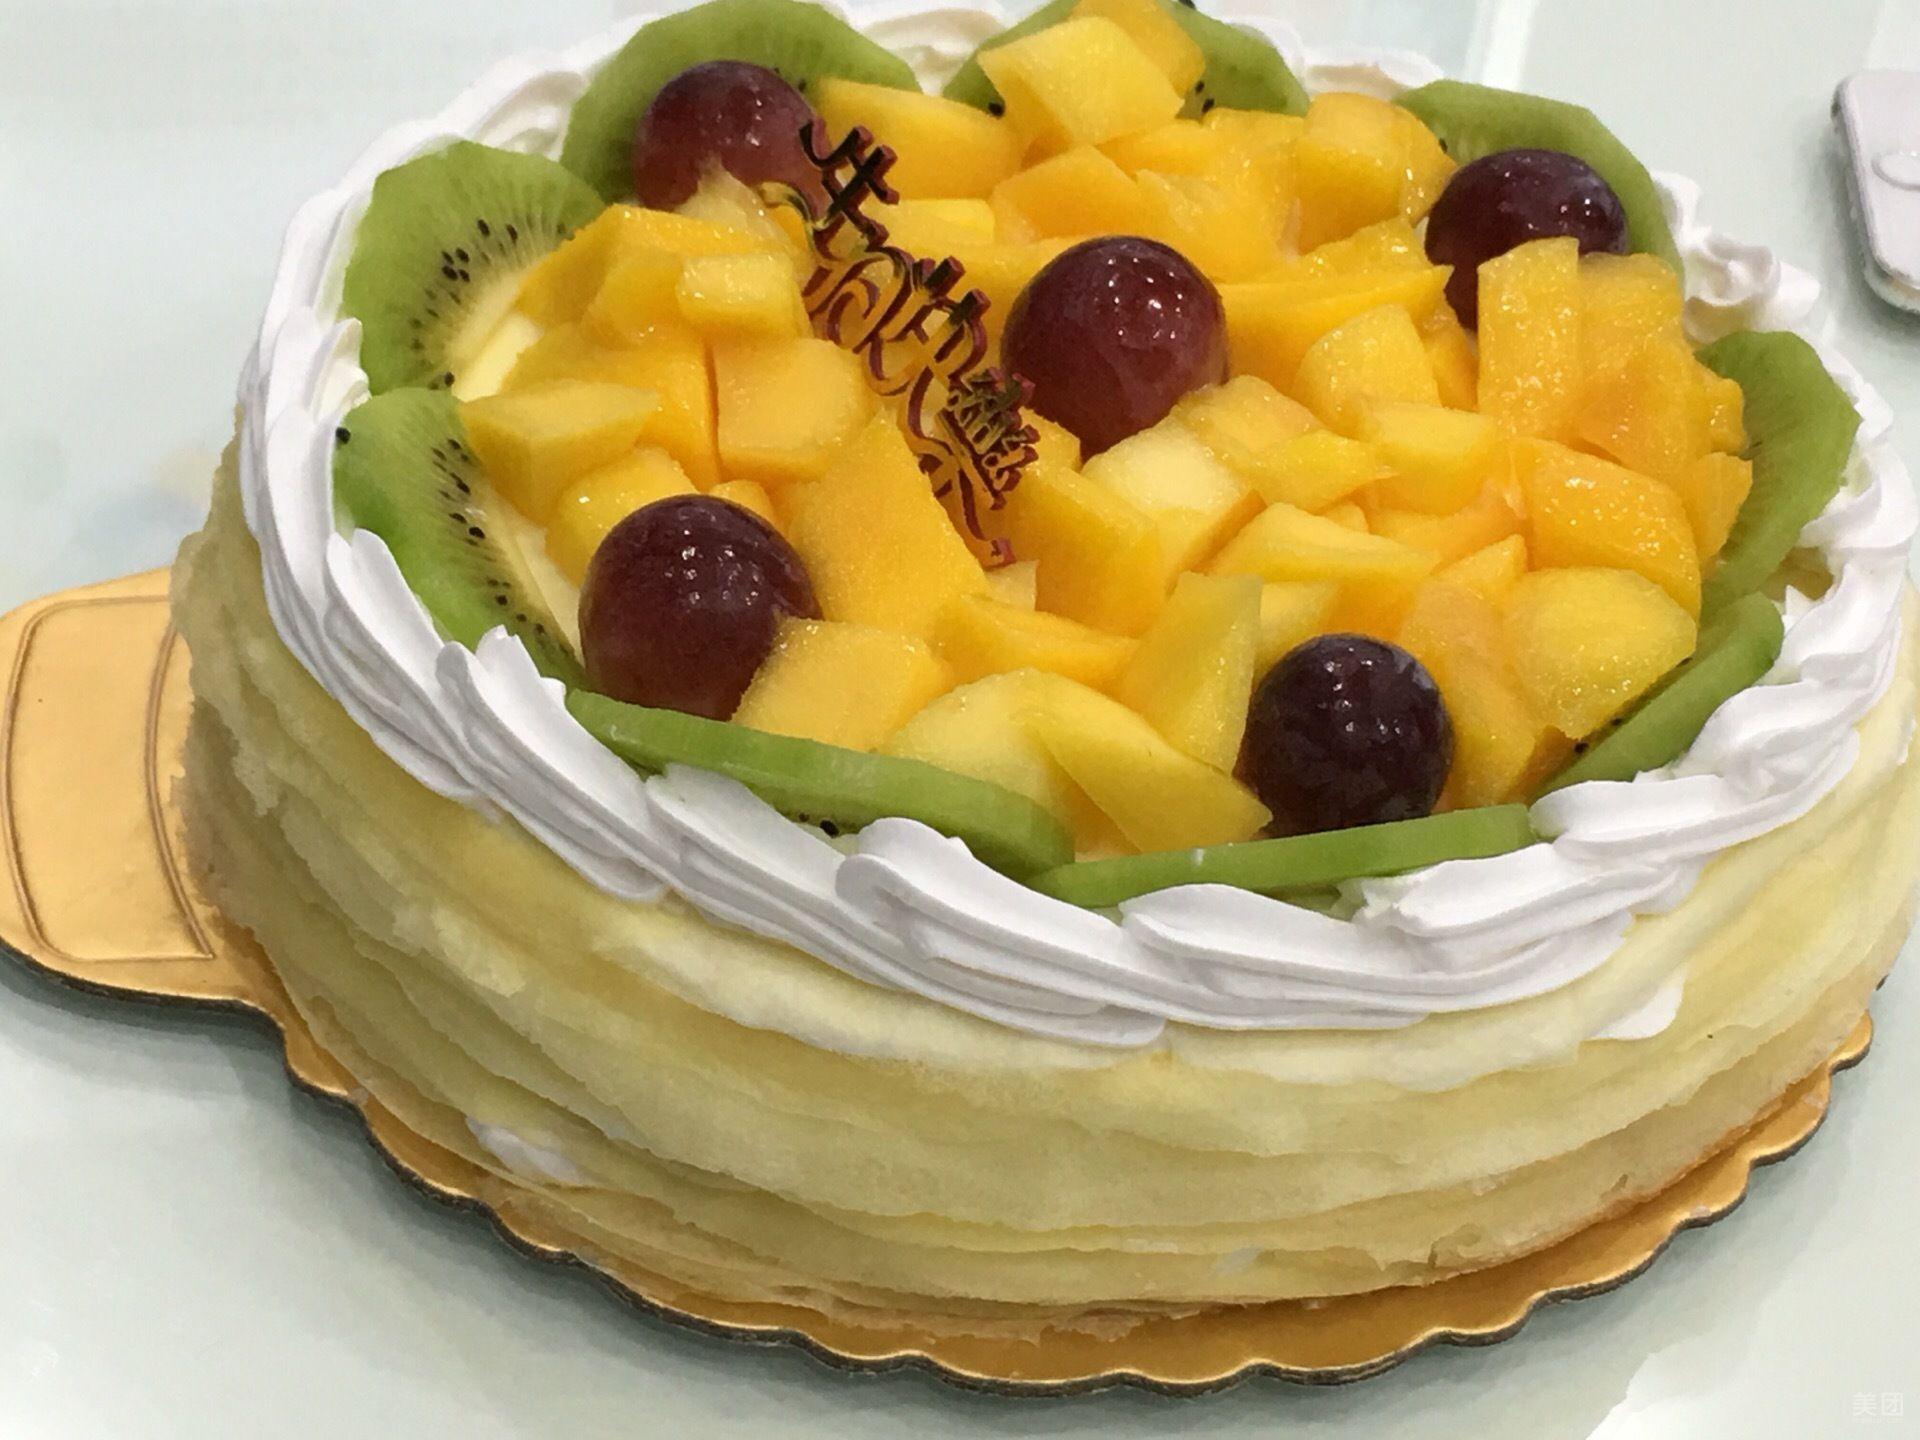 榴莲千层蛋糕可以放多久?